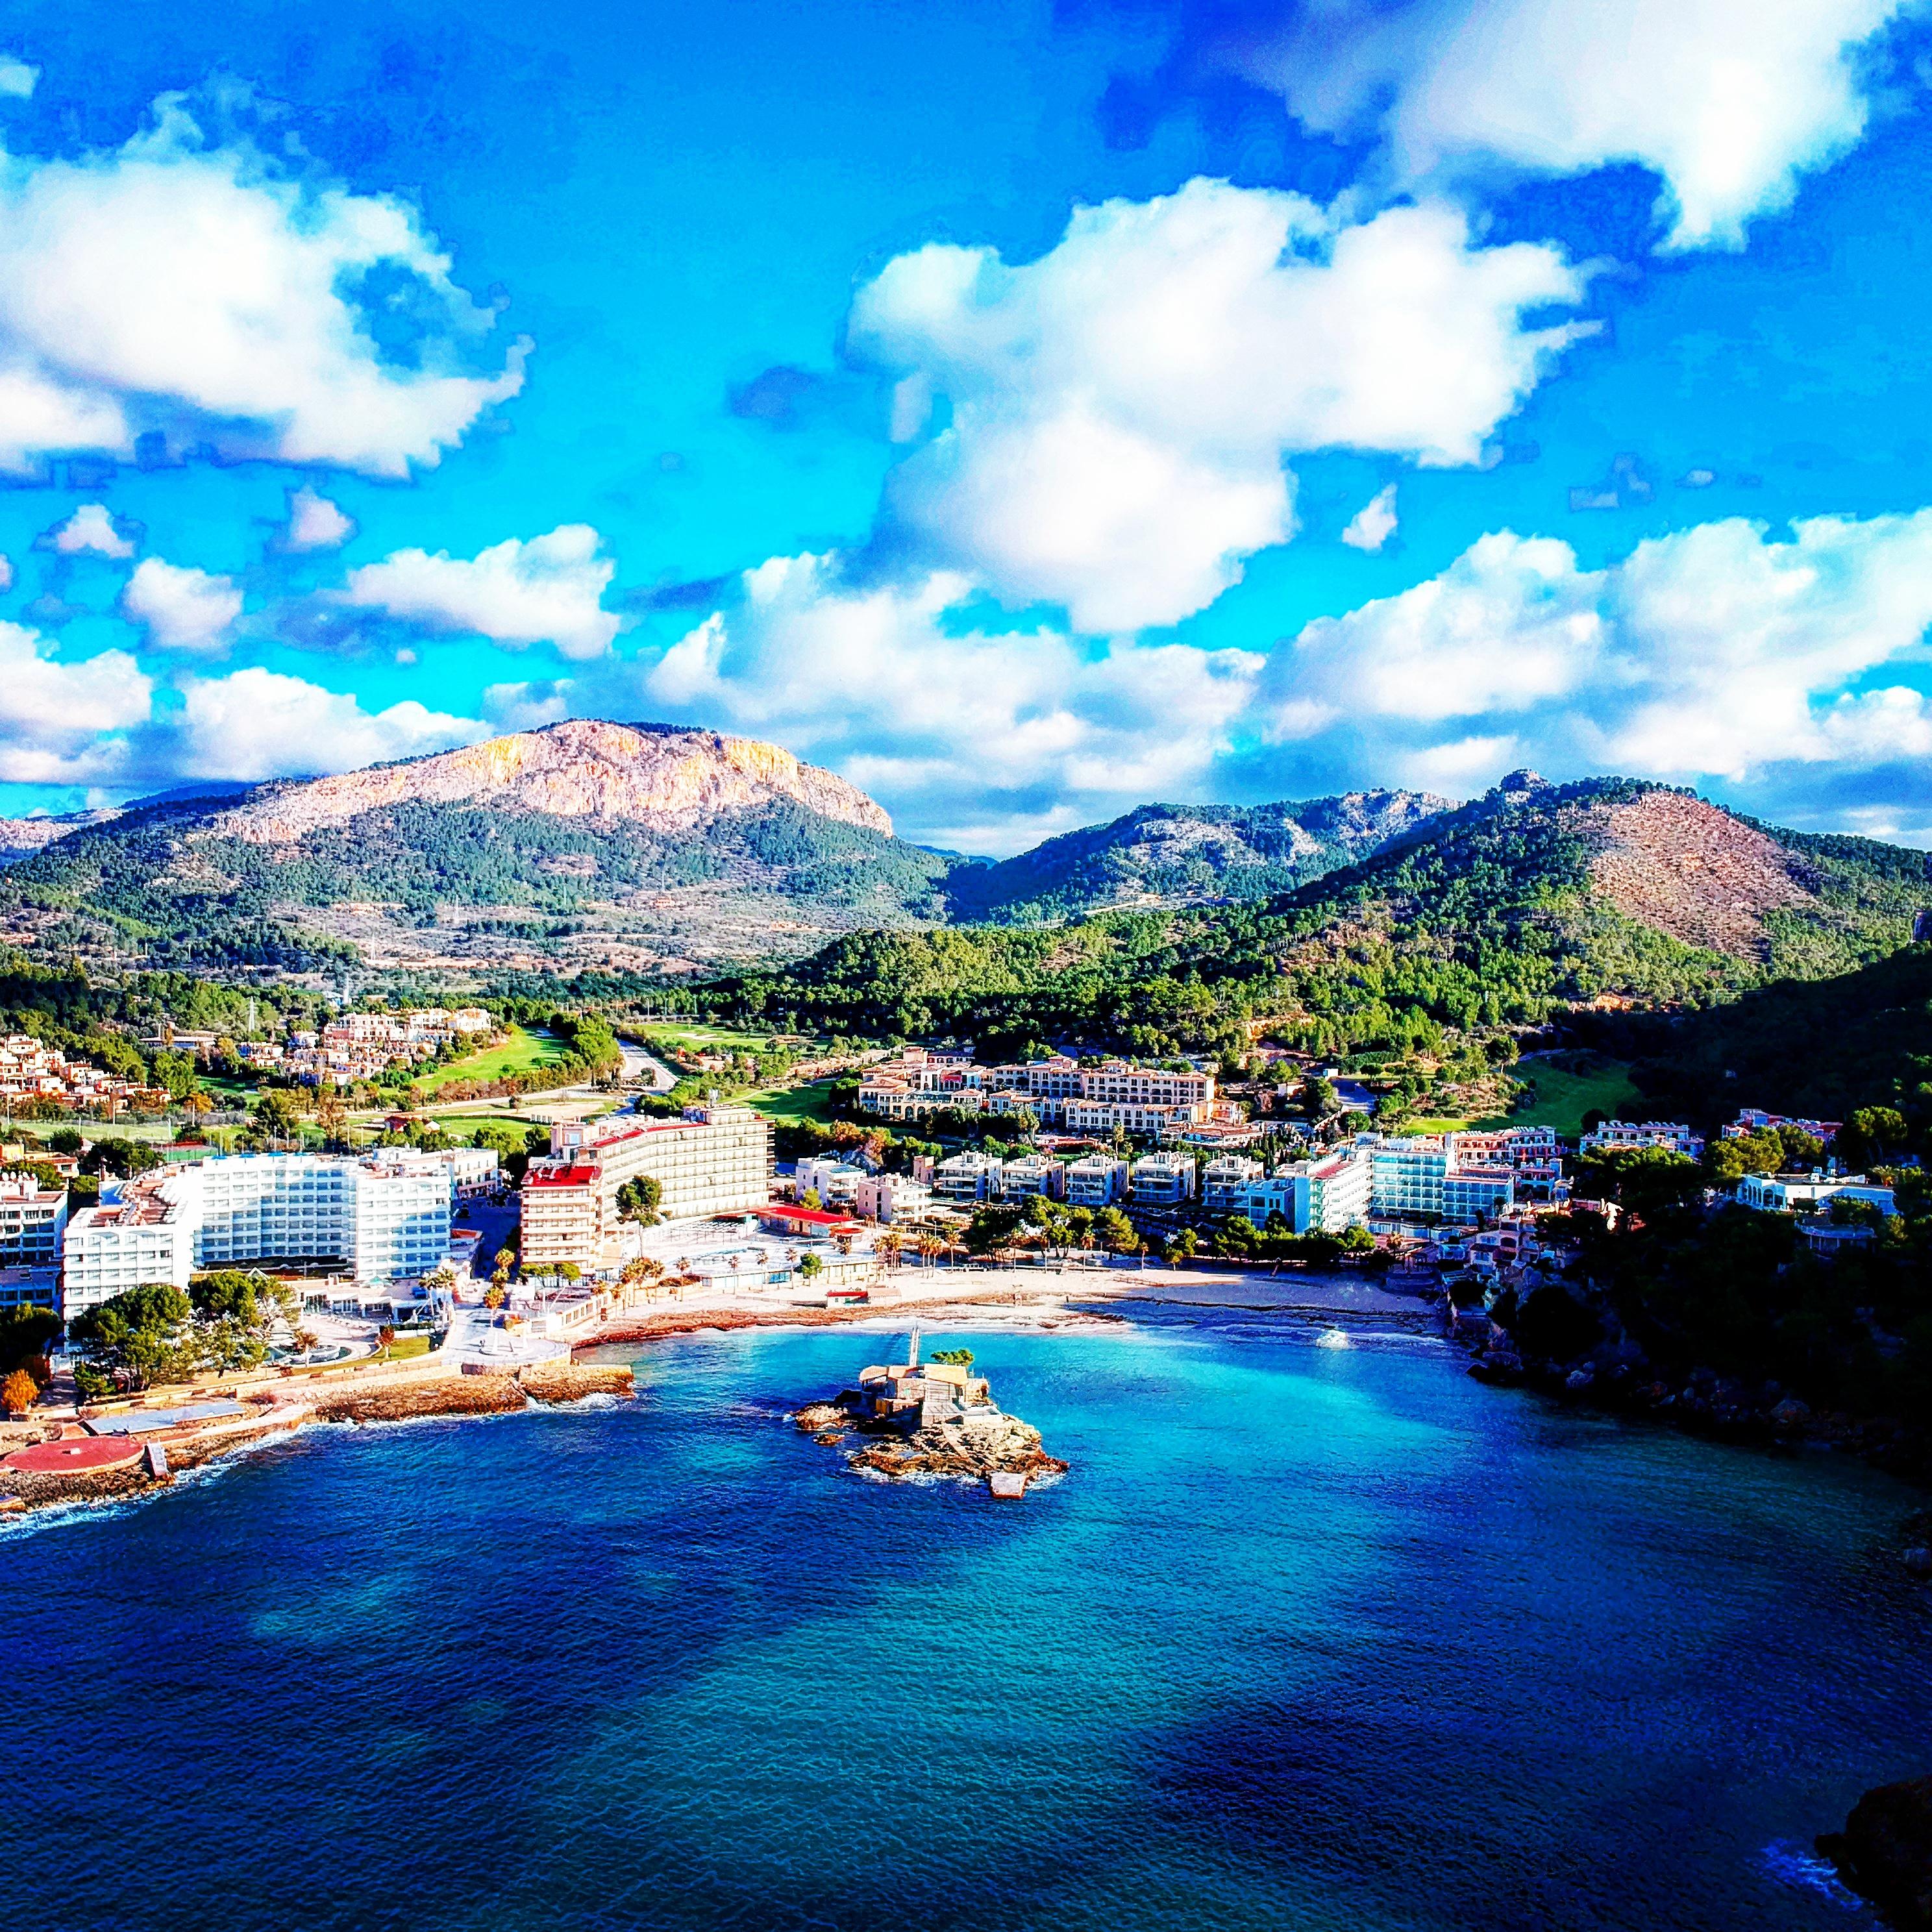 Camp de Mar - Mallorca - Autor manudice